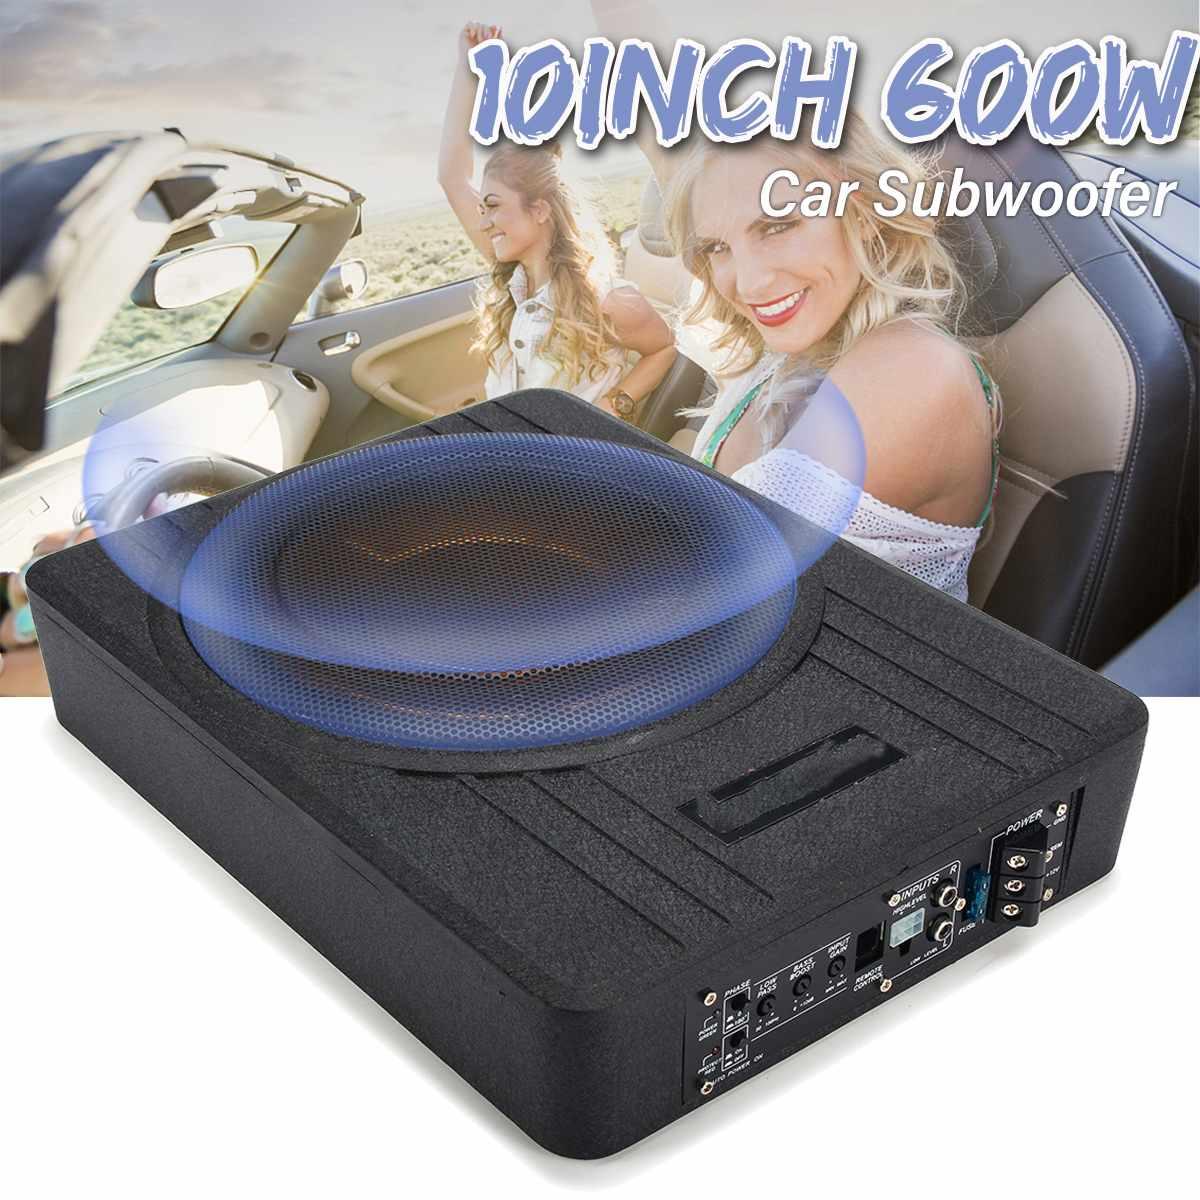 10 pouces 600W voiture Subwoofer Audio de voiture mince sous siège actif Subwoofer amplificateur de basse haut-parleur amplificateur de voiture caissons de basses Woofer 12V